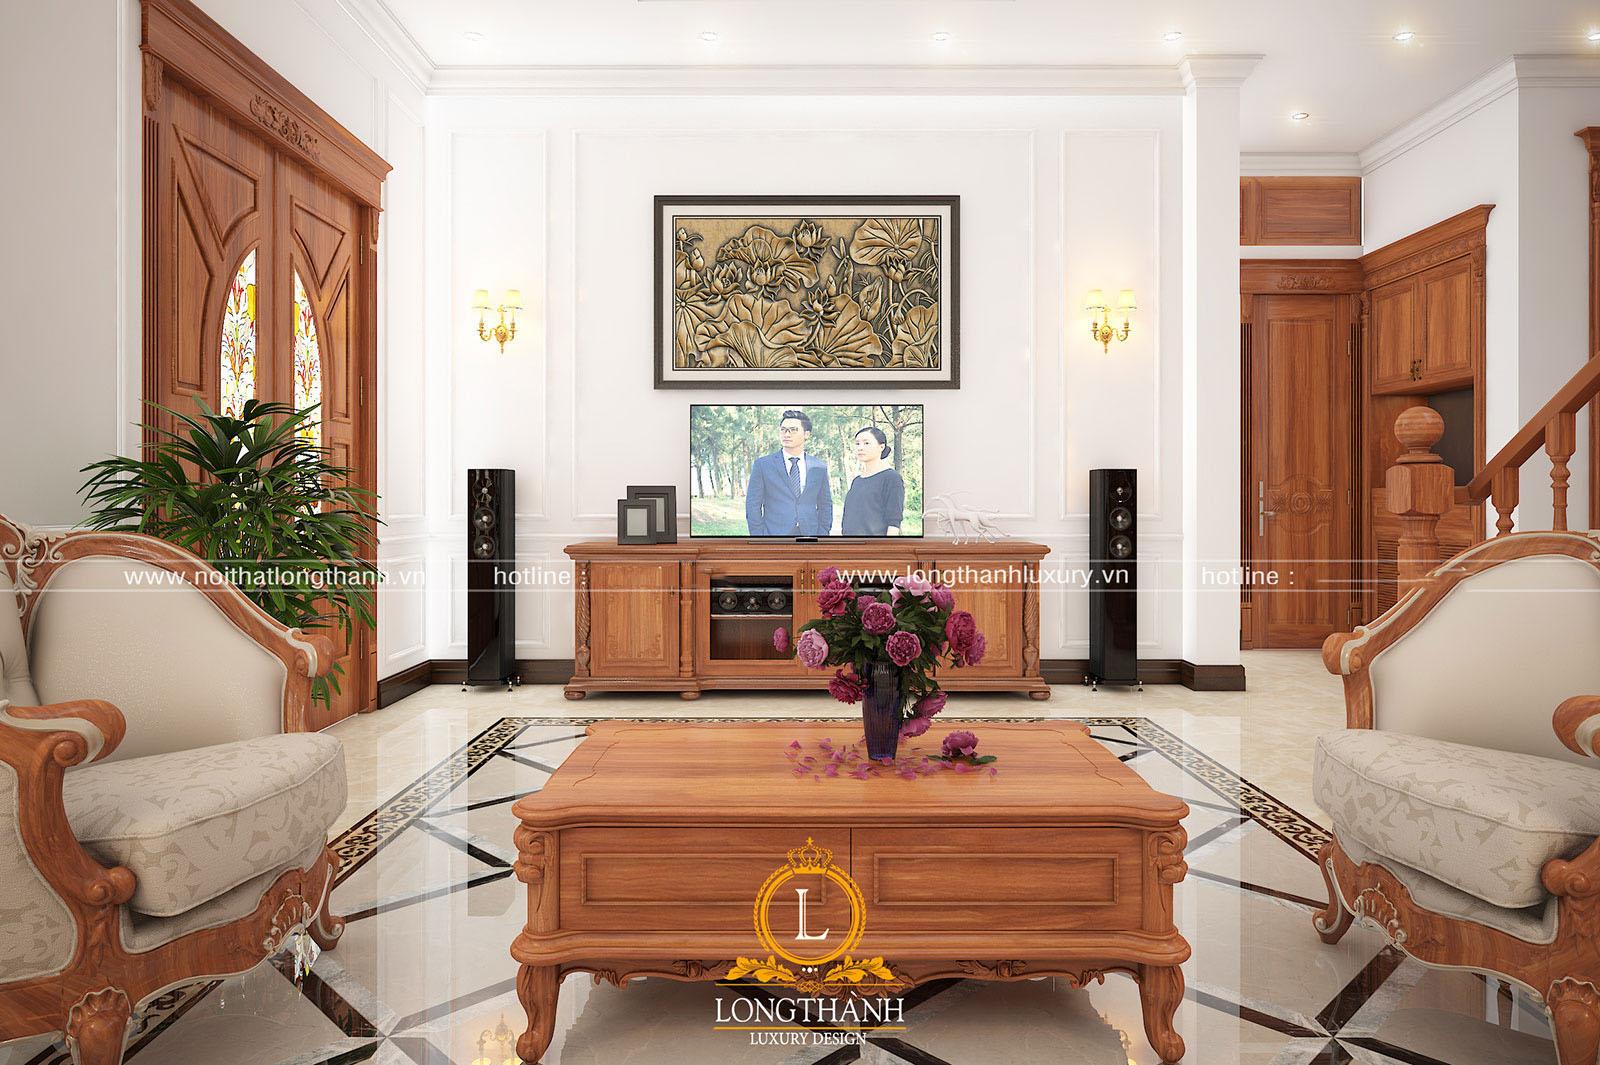 Không gian nội thất phòng khách đậm chất Á Đông